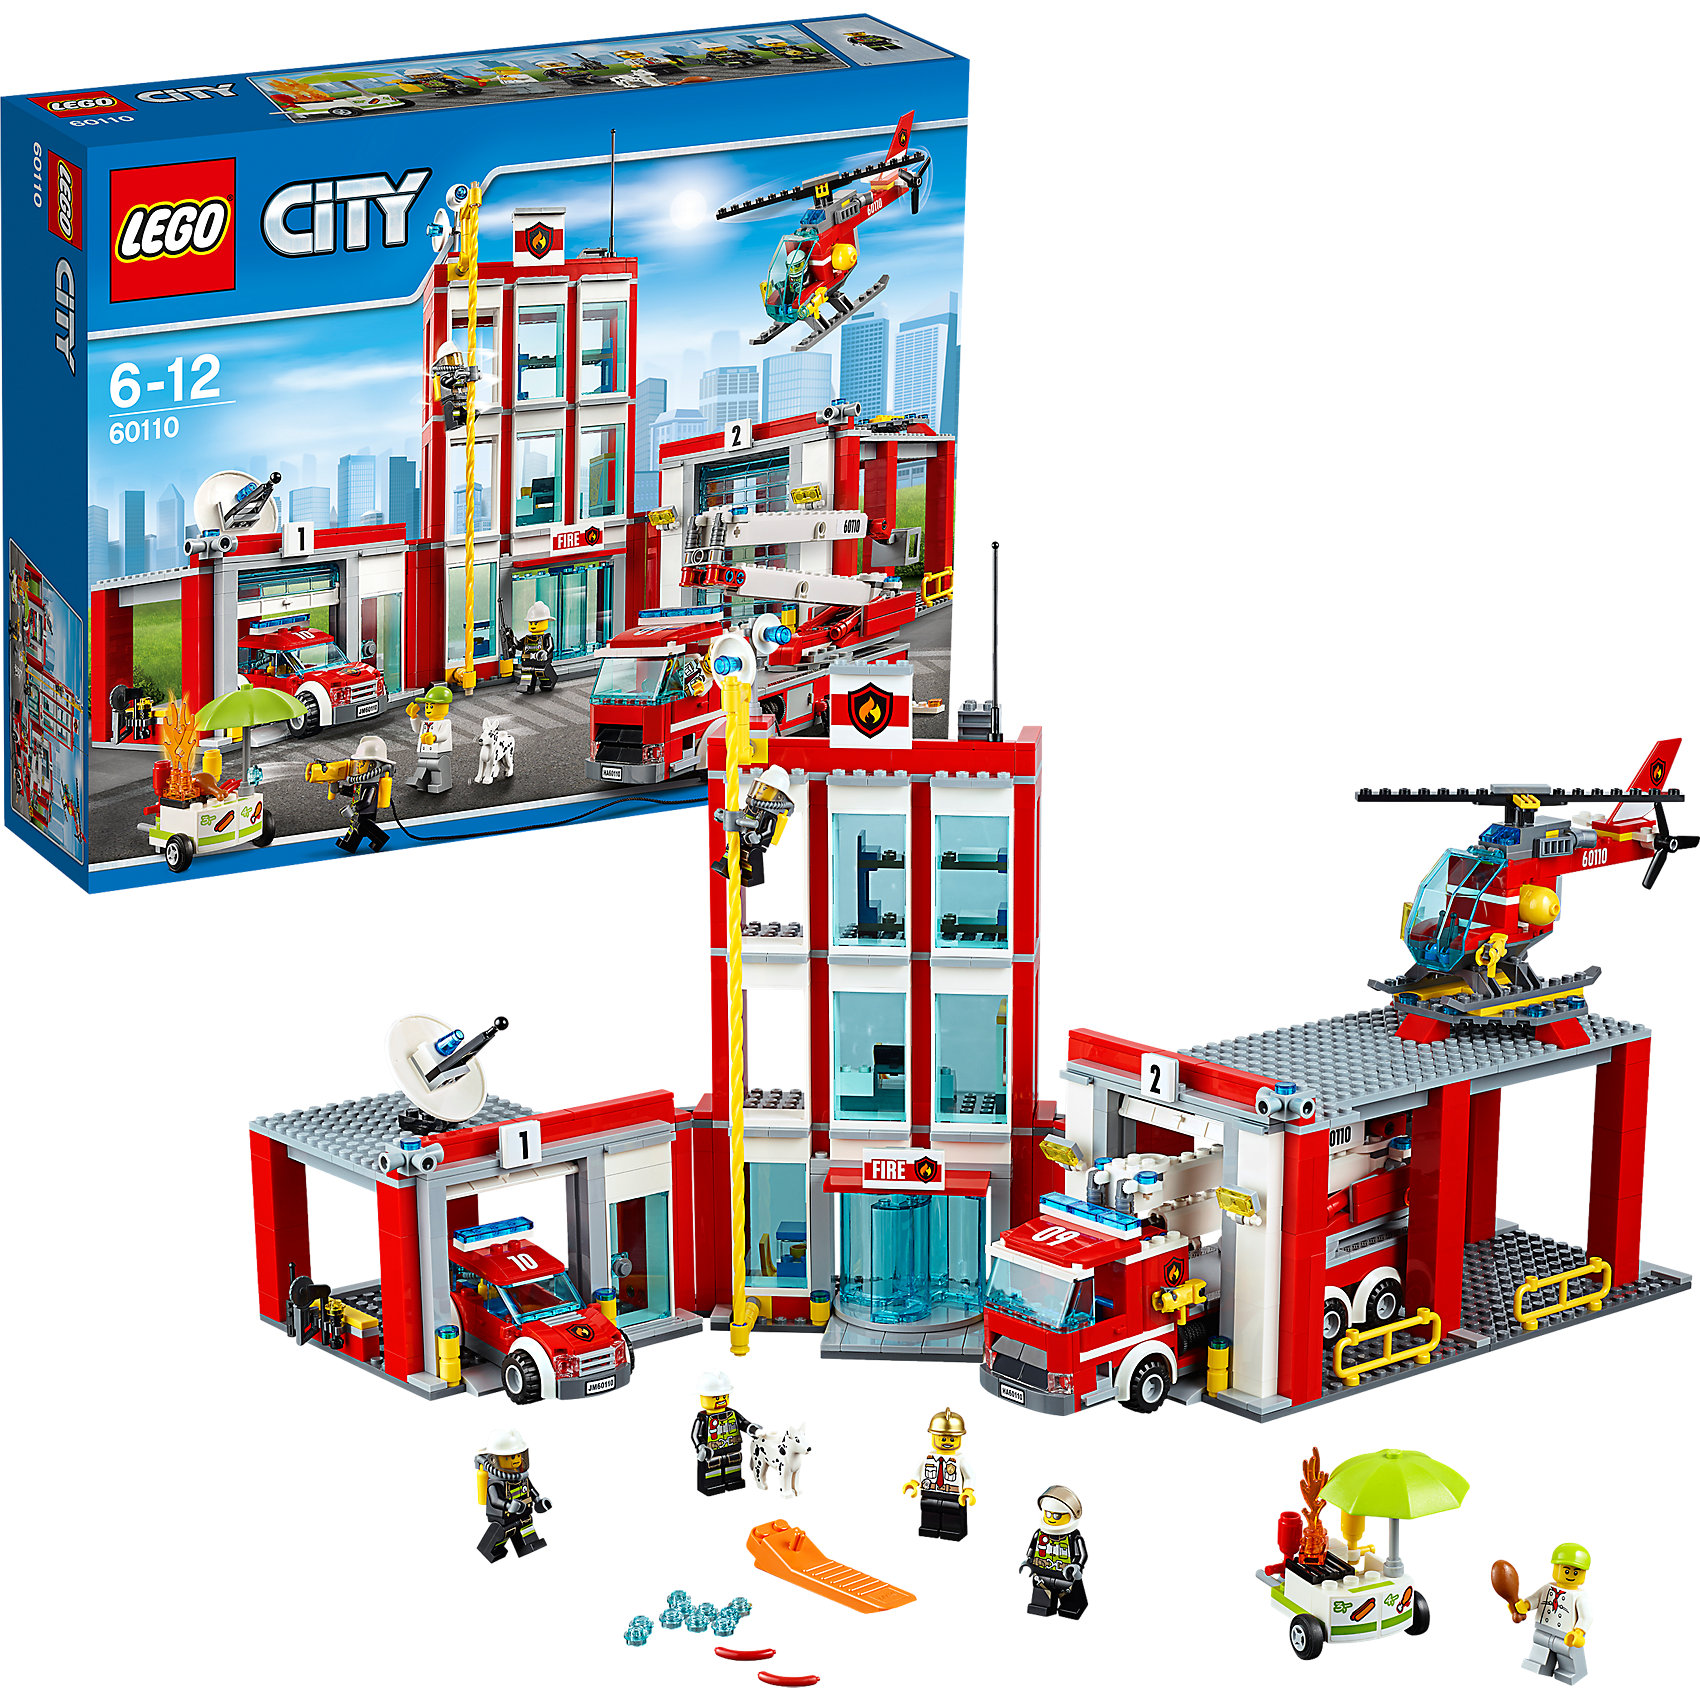 LEGO City 60110: Пожарная частьLEGO City (ЛЕГО Сити) 60110: Пожарная часть подарит Вашему ребенку новые веселые приключения и расширит игровые возможности. Пожарная часть Лего-сити - это впечатляющий современный комплекс, оснащенный по последнему слову техники. Территория части представляет собой три соединенных здания, самое высокое из которых - главный трехуровневый корпус. На первом этаже располагается просторный зал с местом дежурного, попасть в который можно через вращающиеся двери. На втором этаже находится рабочий кабинет главного пожарного, оснащенный современным оборудованием - интерактивной картой города, телефоном и компьютером. Поднявшись на верхний уровень, Вы попадете комнату отдыха для пожарных, где они могут поспать на удобных кроватях. Но как только прозвучит сирена они быстро спустятся на первый этаж по пожарному шесту. Слева от главного корпуса находится гараж для легковых автомобилей, а справа большой ангар для пожарной машины. Прямоугольная крыша ангара служит площадкой для взлёта и посадки пожарного вертолёта. В комплект также входят пожарная легковая машина, большая пожарная машина с лестницей, вертолёт, тележка с закусками, различные игровые аксессуары и  шесть минифигурок: четыре пожарных, главный пожарный и продавец закусок.<br><br>Серия конструкторов  LEGO City позволяет почувствовать себя инженером и архитектором, строителем или мэром города. Вы можете создавать свой город мечты, развивать городскую инфраструктуру, строить дороги и здания, управлять городским хозяйством и следить за порядком.<br>В игровых наборах с разнообразными сюжетами много интересных персонажей, оригинальных объектов и городской техники. Это уникальная возможность для ребенка развивать фантазию и логическое мышление, узнавать и осваивать разные профессии.<br><br>Дополнительная информация:<br><br>- Игра с конструктором LEGO (ЛЕГО) развивает мелкую моторику ребенка, фантазию и воображение, учит его усидчивости и внимательности.<br>- Количество деталей: 919.<br>- Количе